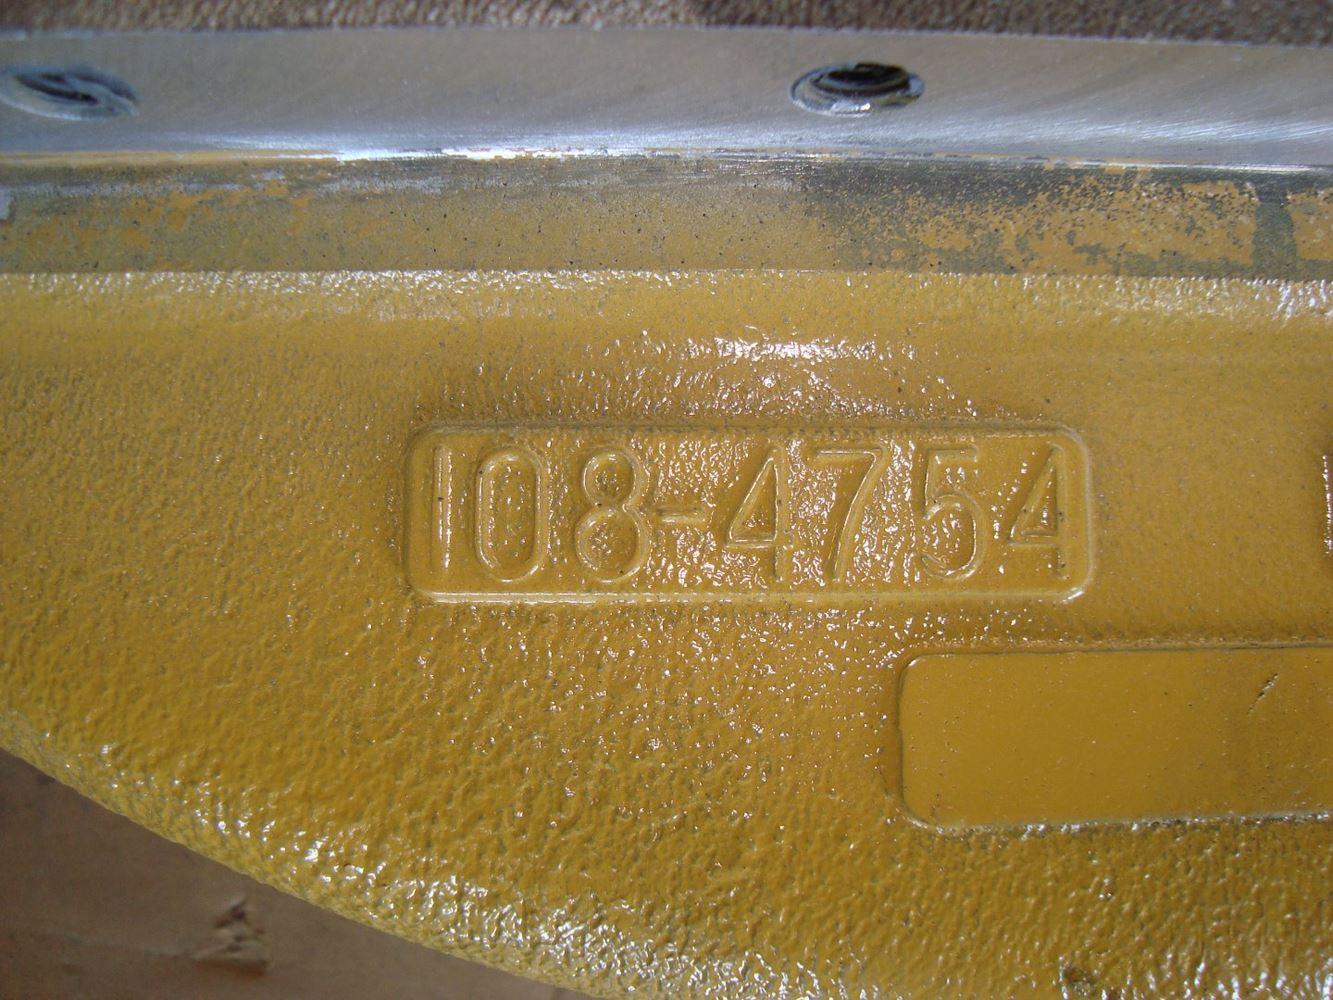 Media 3 for Caterpillar 3406E Flywheel Housings